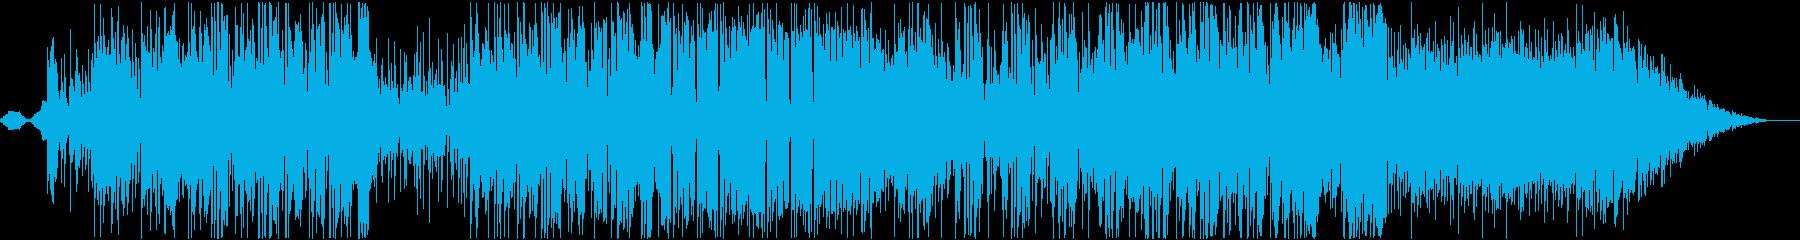 SAXの音がかっこいいファンクポップの再生済みの波形